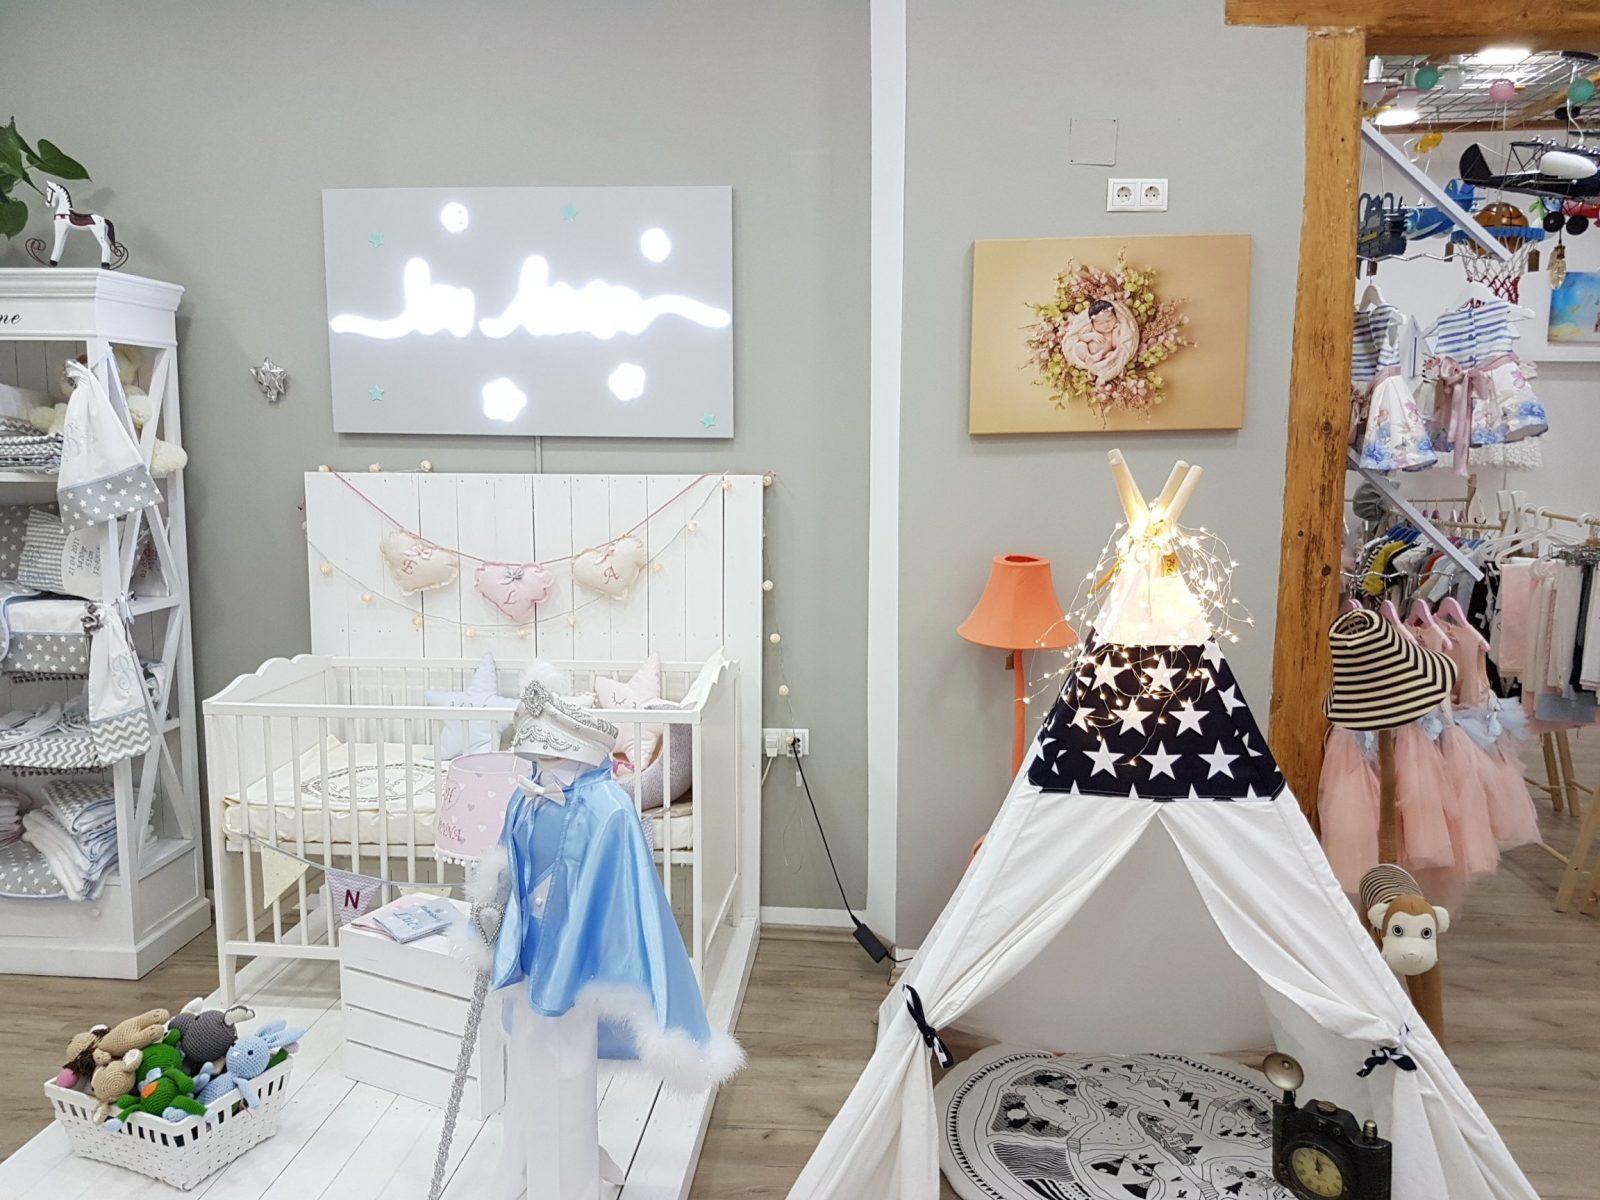 Top 5 Tipps Für Ihre Babyzimmerdeko Jetzt Lesen von Babyzimmer Wände Gestalten Malen Motiv Vorlagen Photo